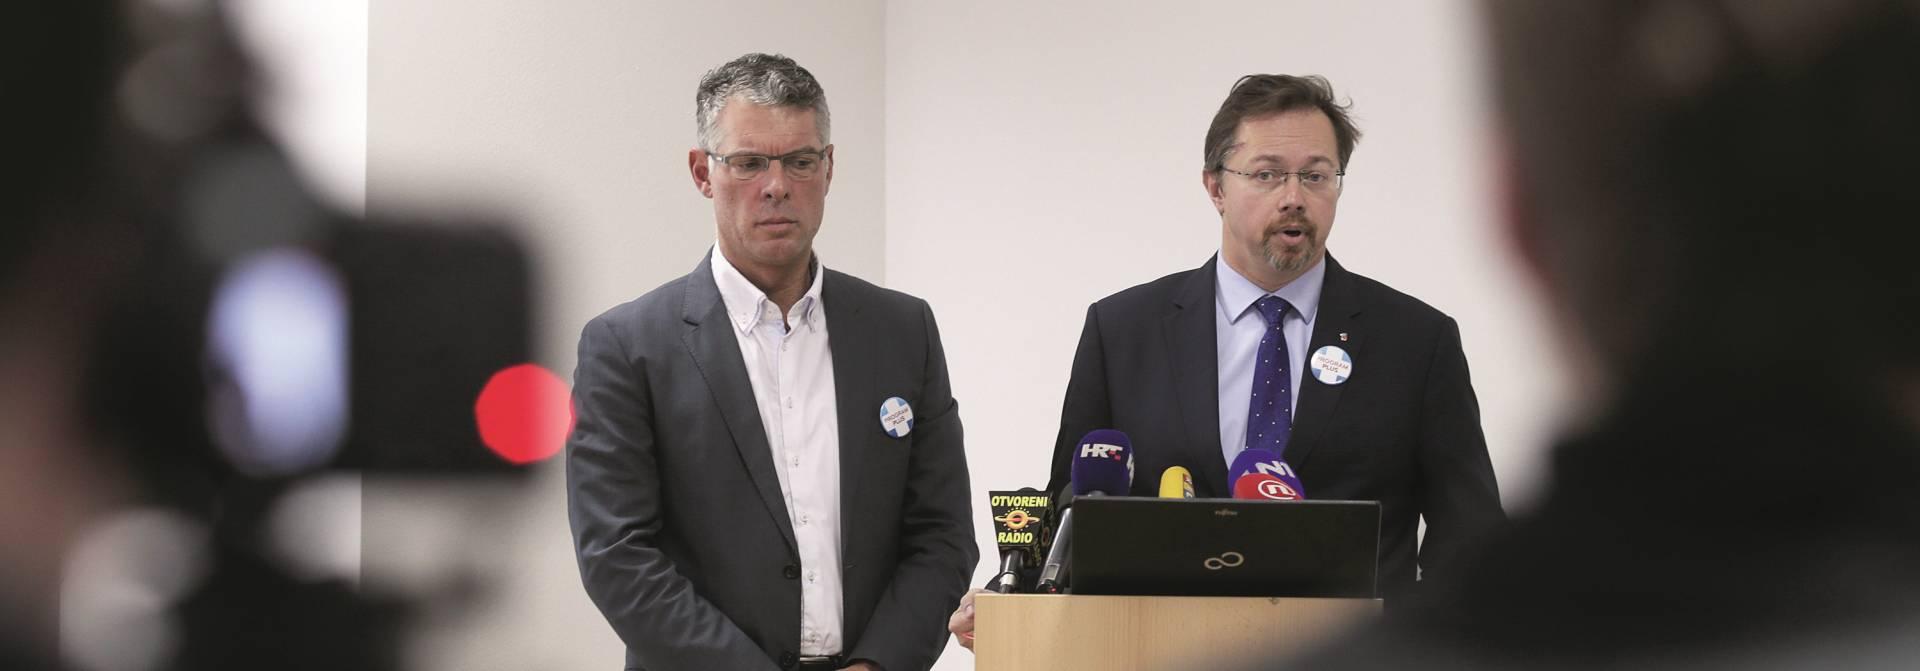 AFERA VARGINOG POMOĆNIKA Policija sumnja da je Dragan Korolija Marinić namještao natječaje u KB Dubrava